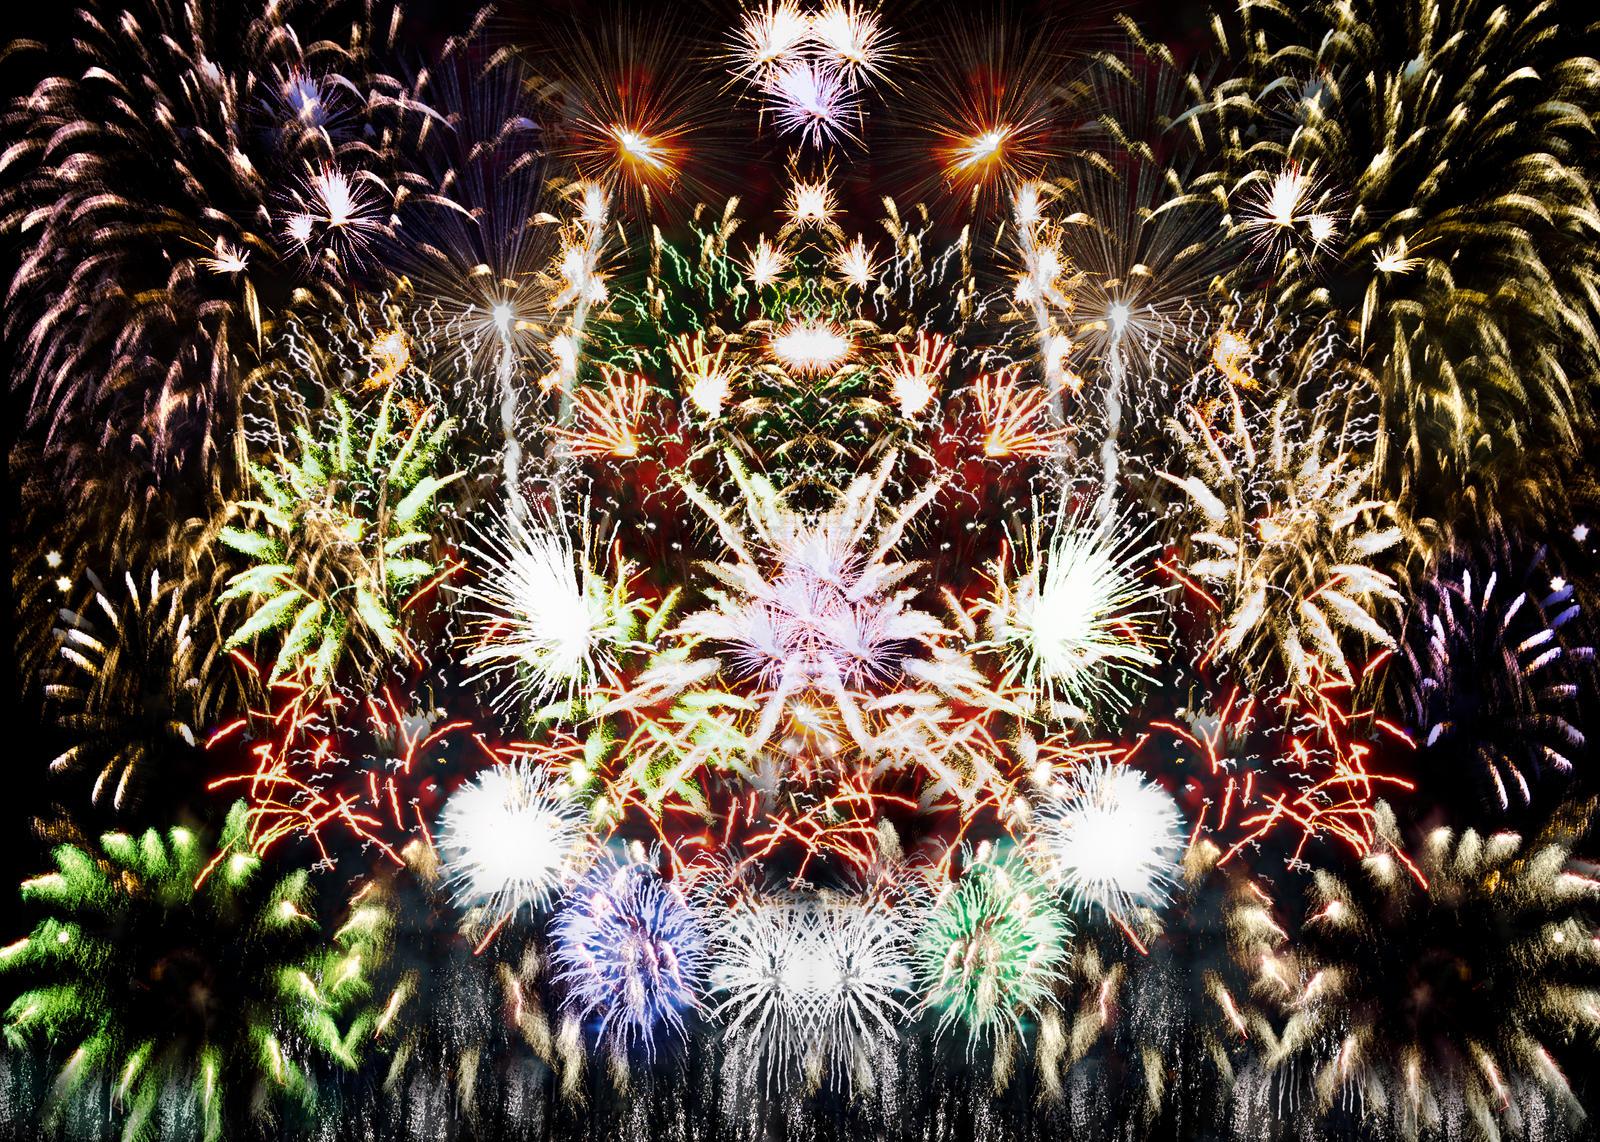 Fireworks by bulgphoto